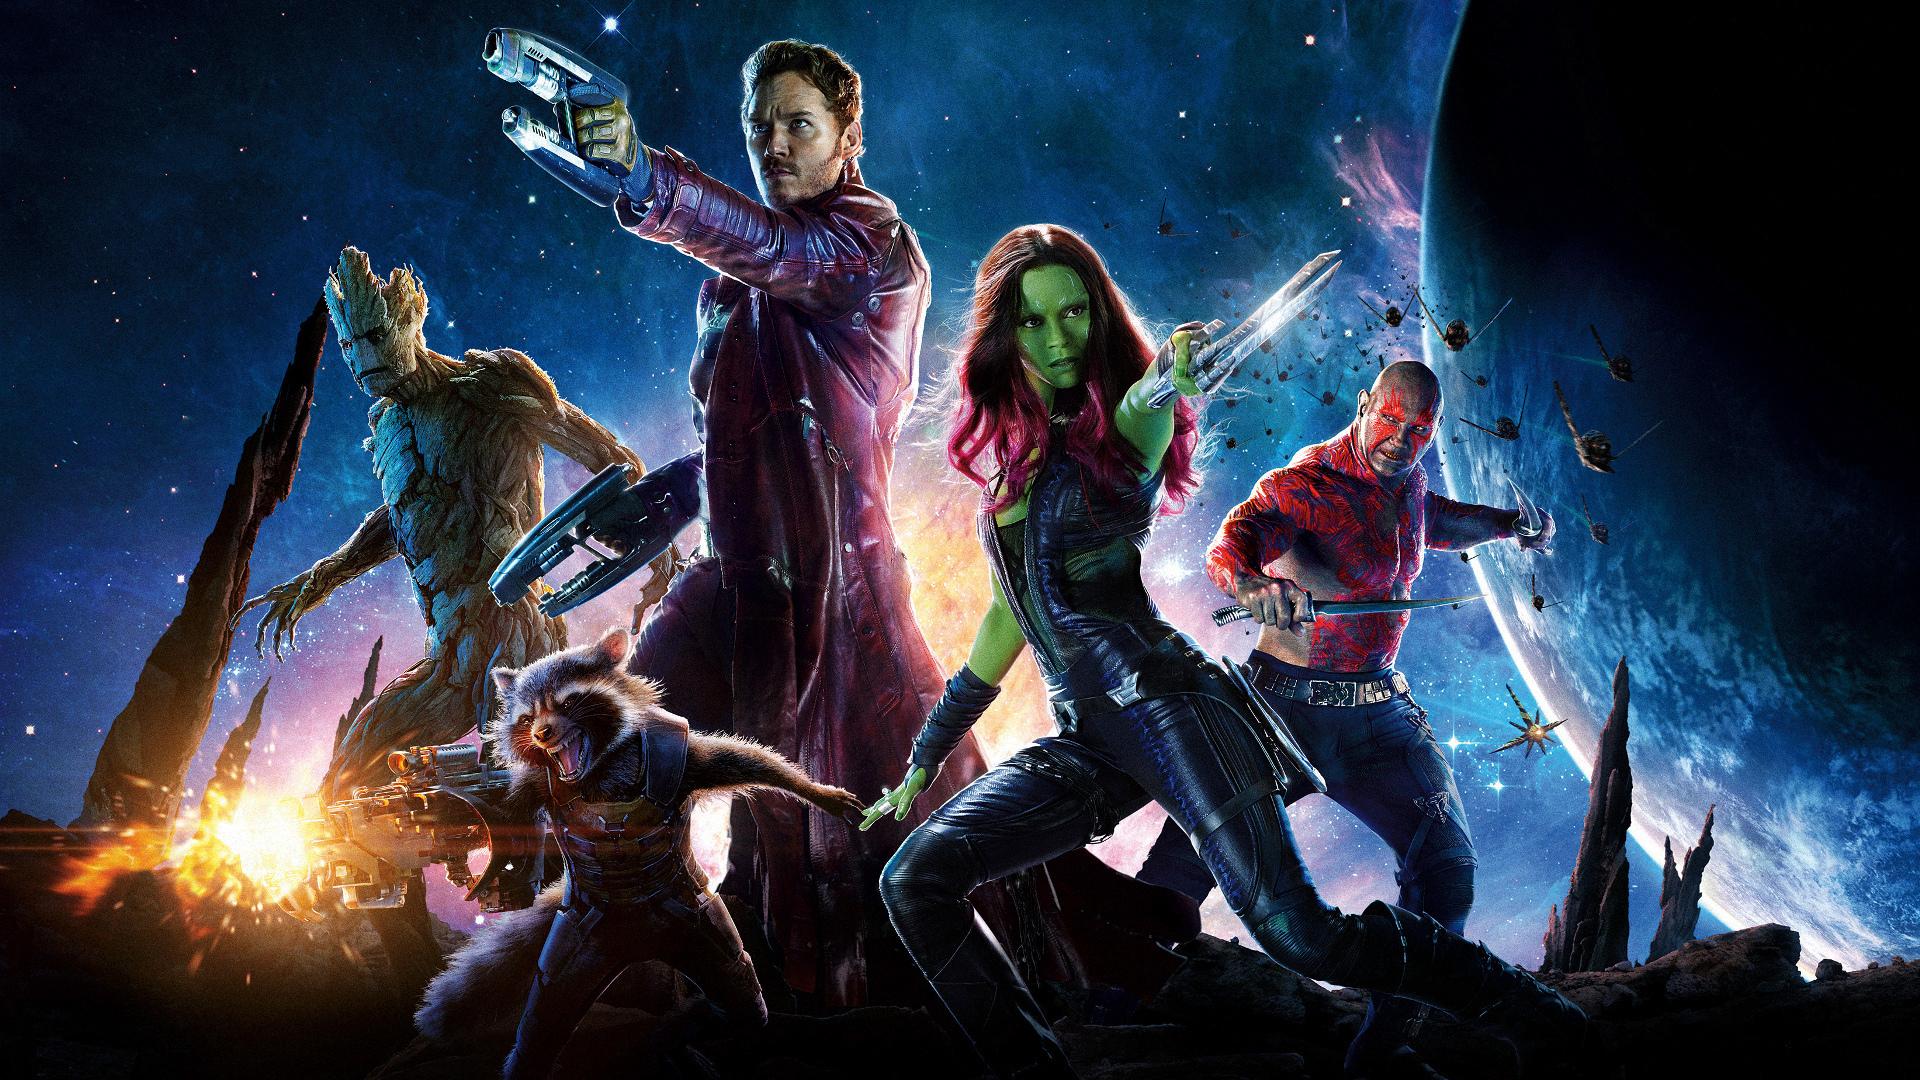 «Guardianes de la Galaxia 2»: Más aventuras por el universo